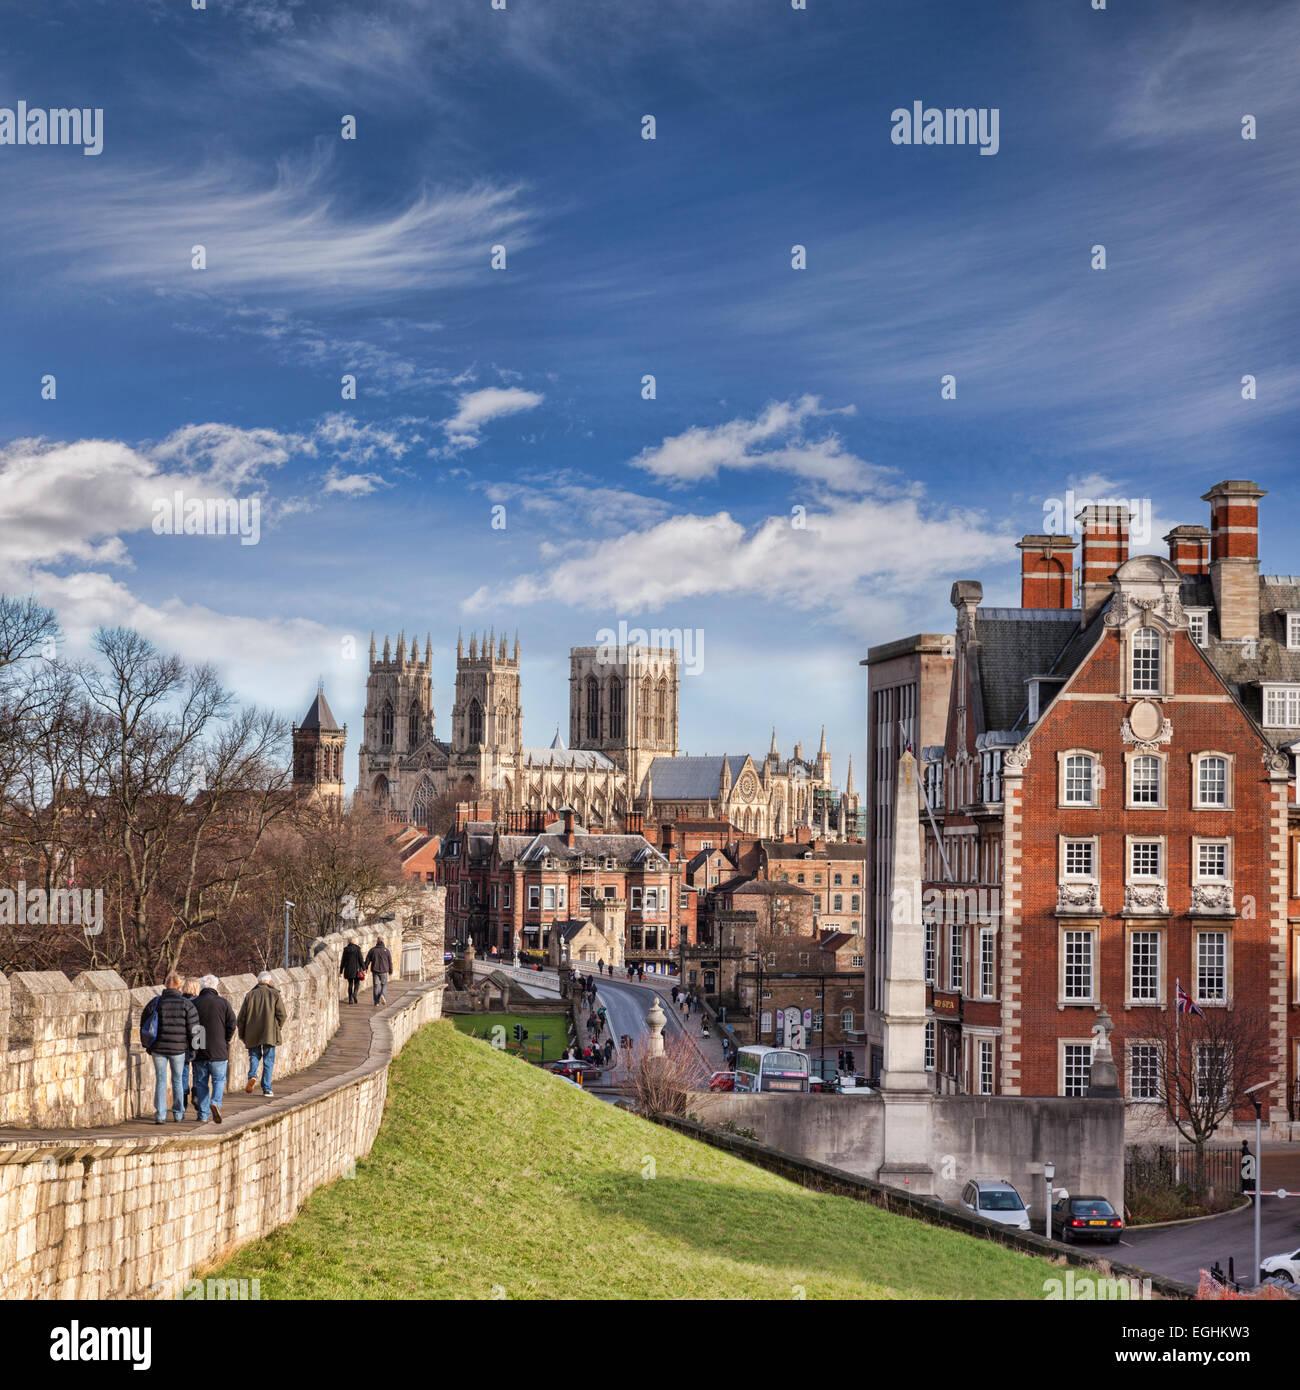 La ciudad de York, North Yorkshire, Inglaterra, una vista a lo largo de la pared hacia la ciudad de York Minster, turistas caminando a lo largo de la pared. Foto de stock